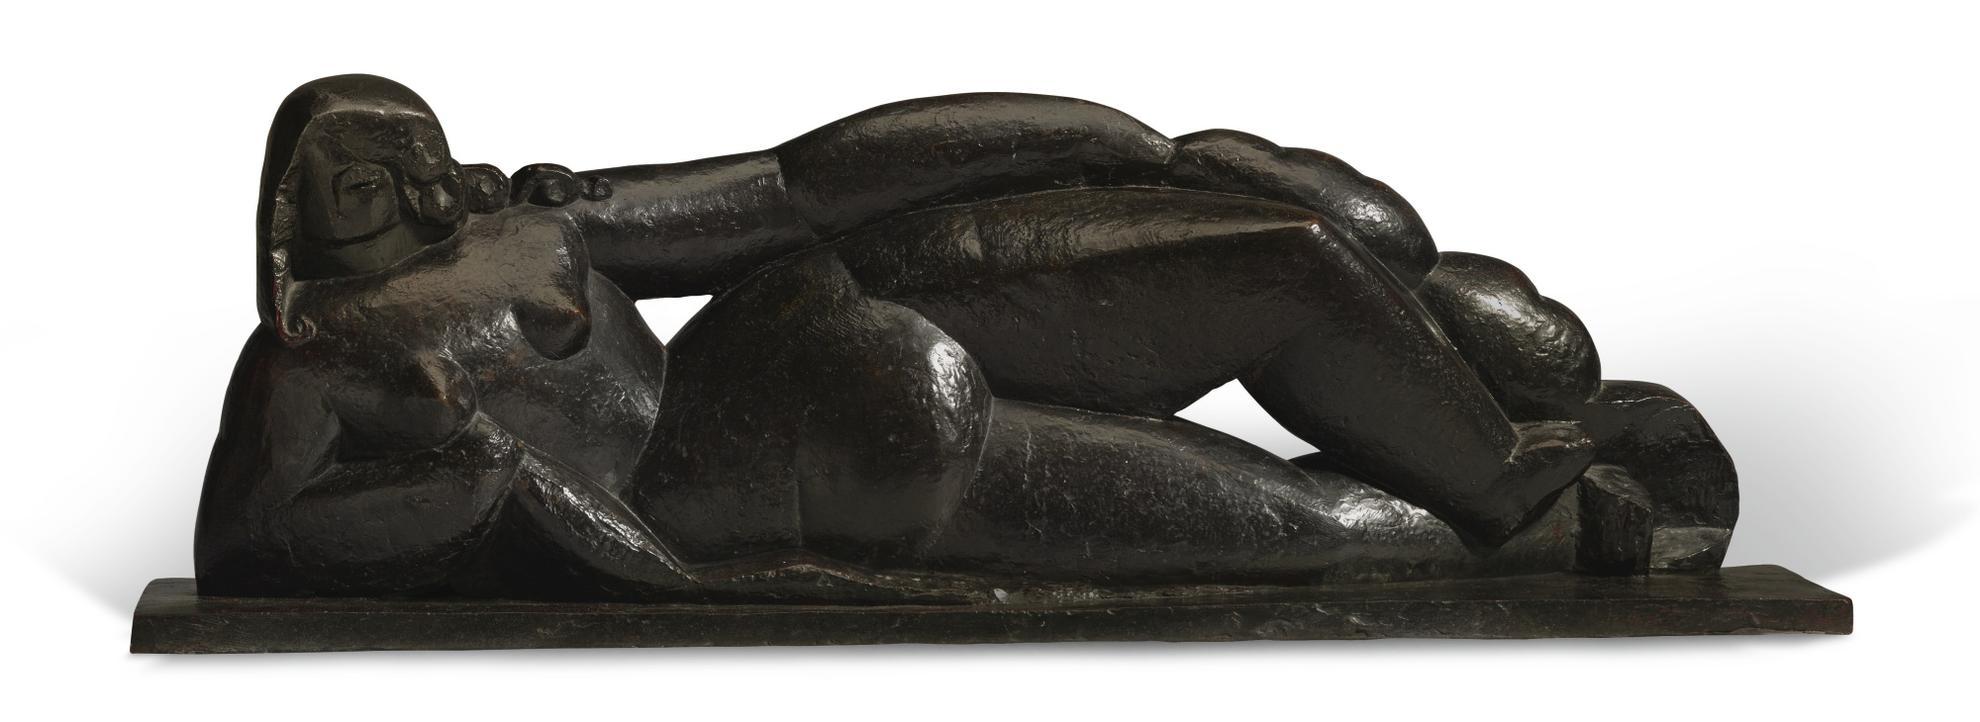 Henri Laurens-Nu Couche A La Draperie Or Femme Nue Couchee-1927